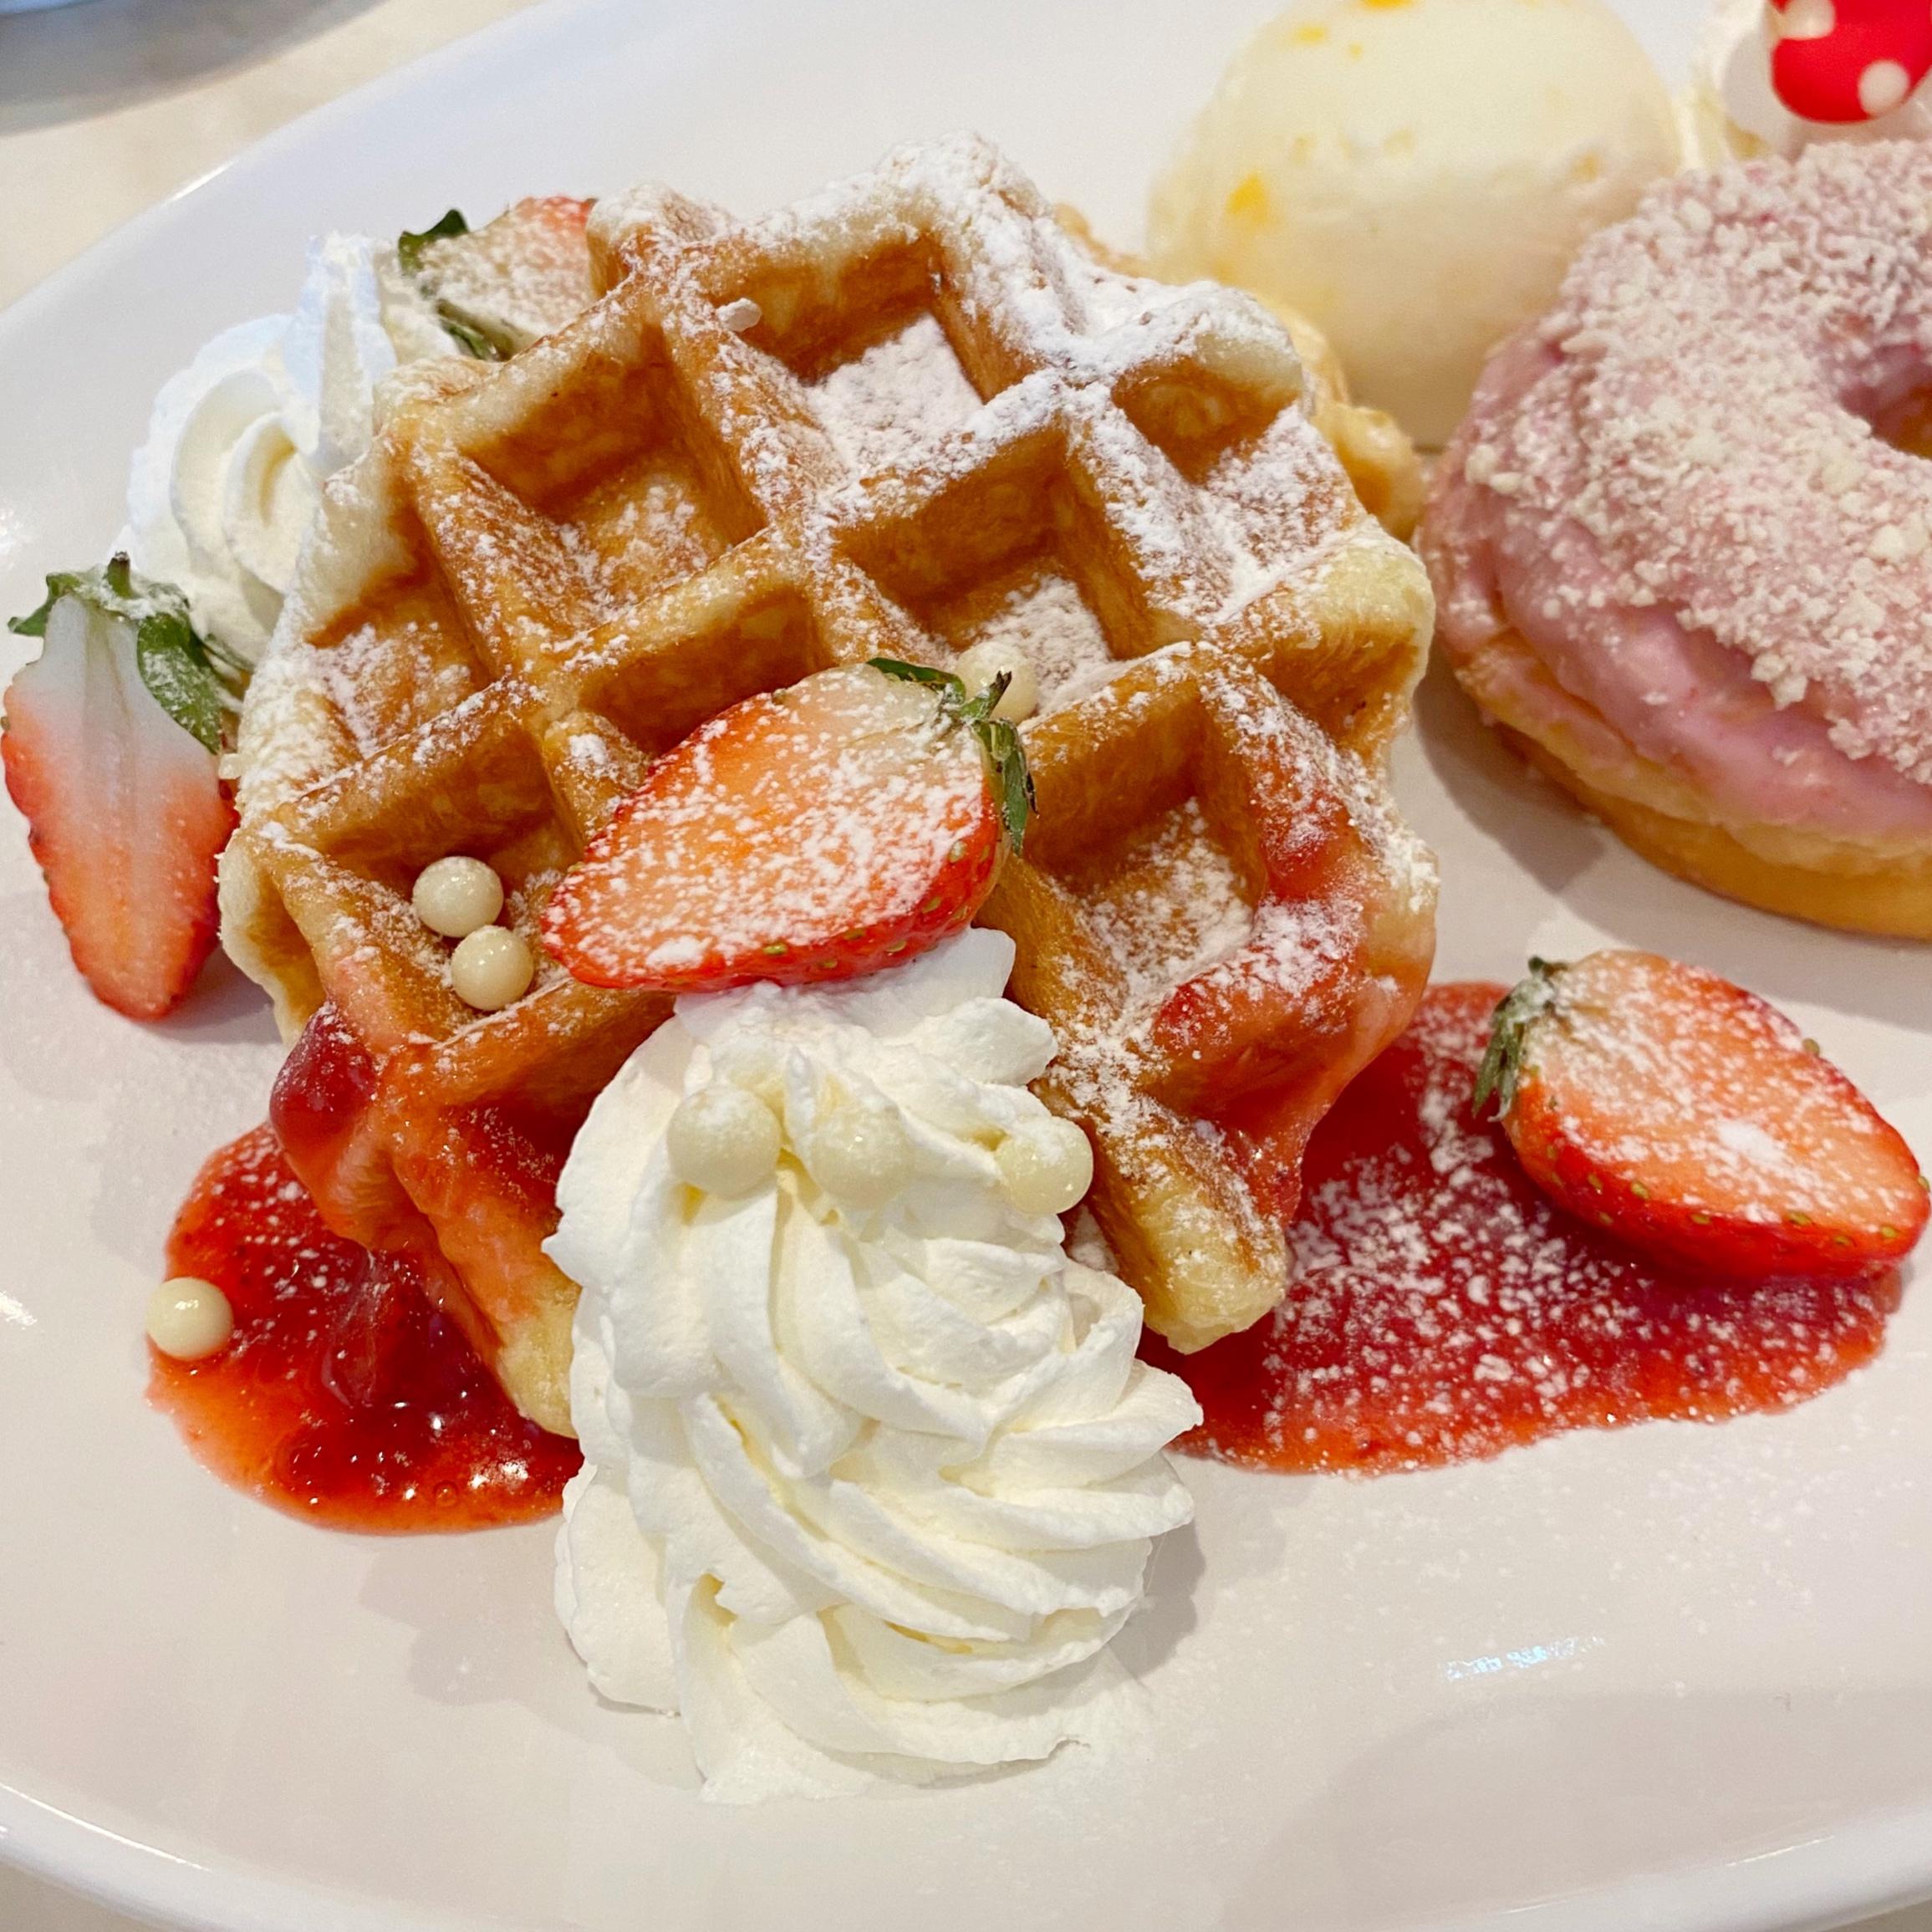 ディズニーランドに行ったら必ず食べたい!可愛すぎる限定スイーツ❤︎_3